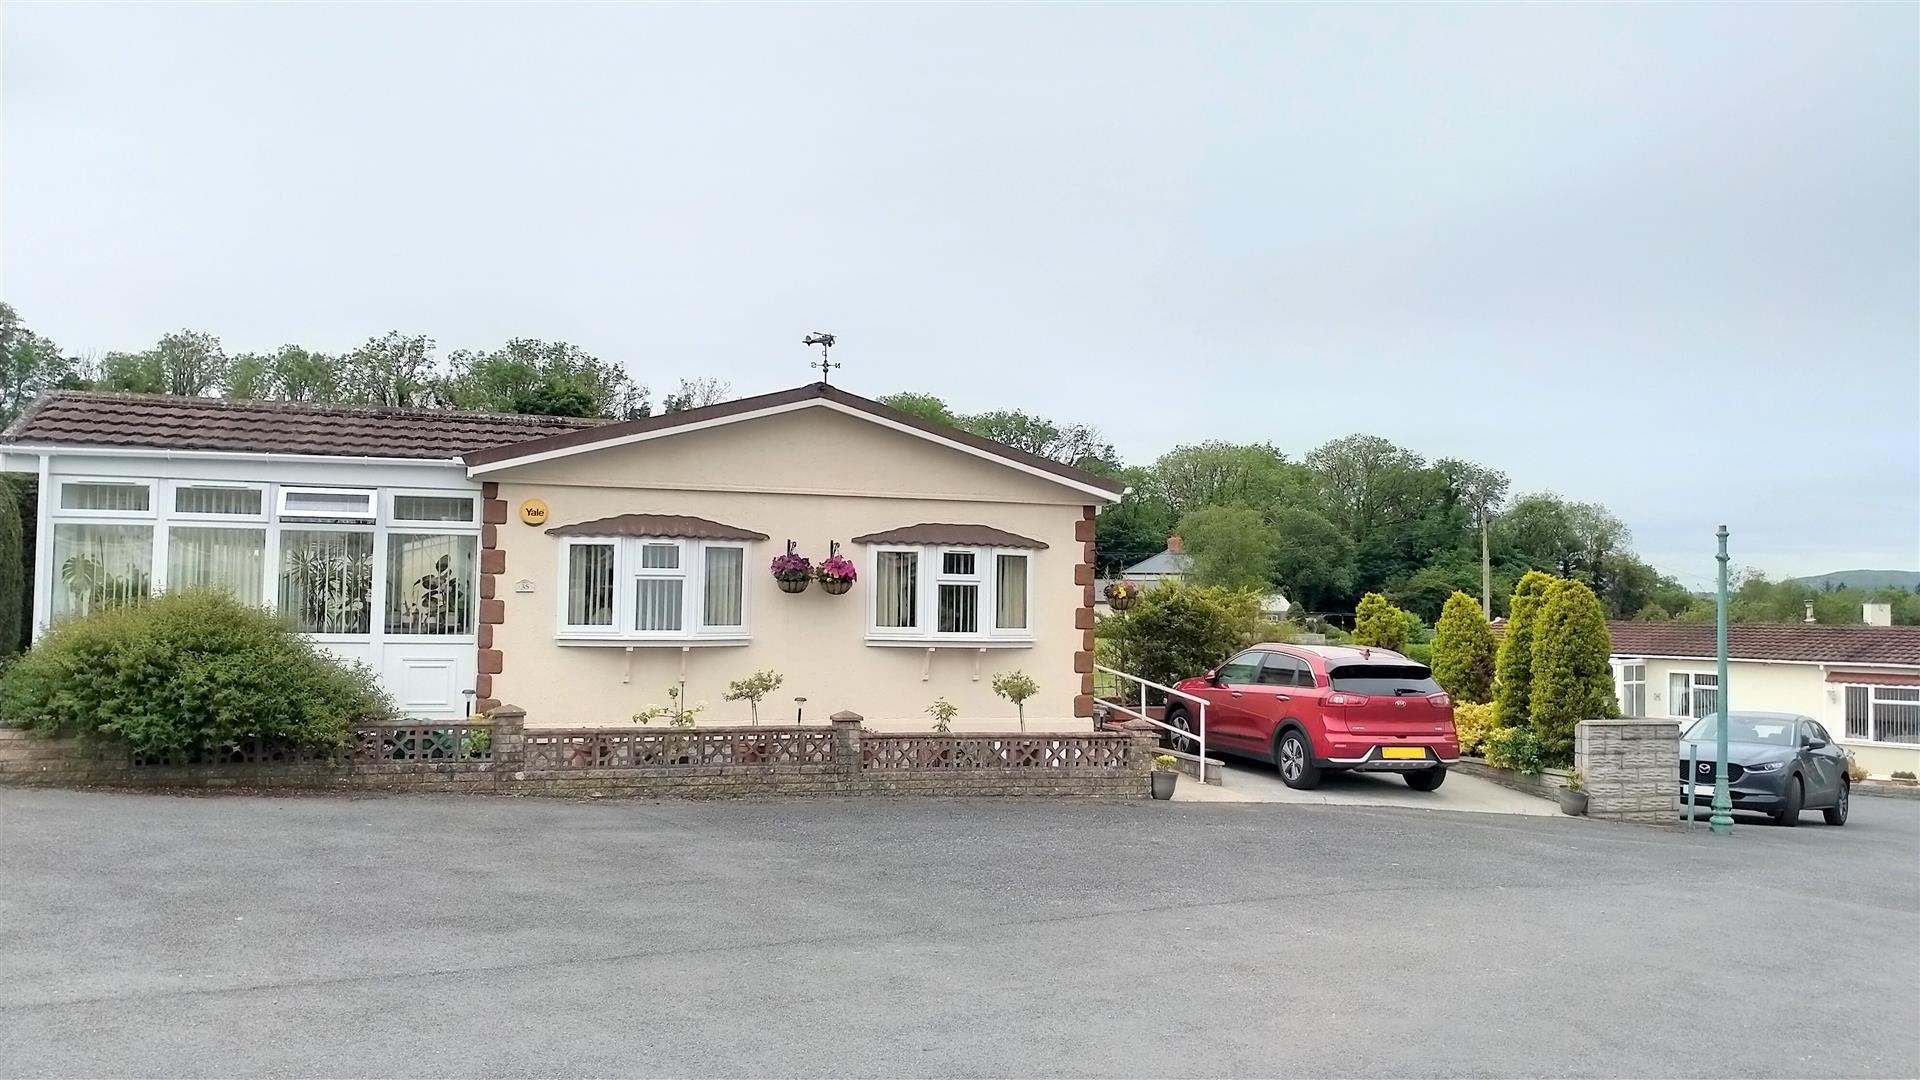 Cannisland Park, Parkmill, Swansea, SA3 2ED